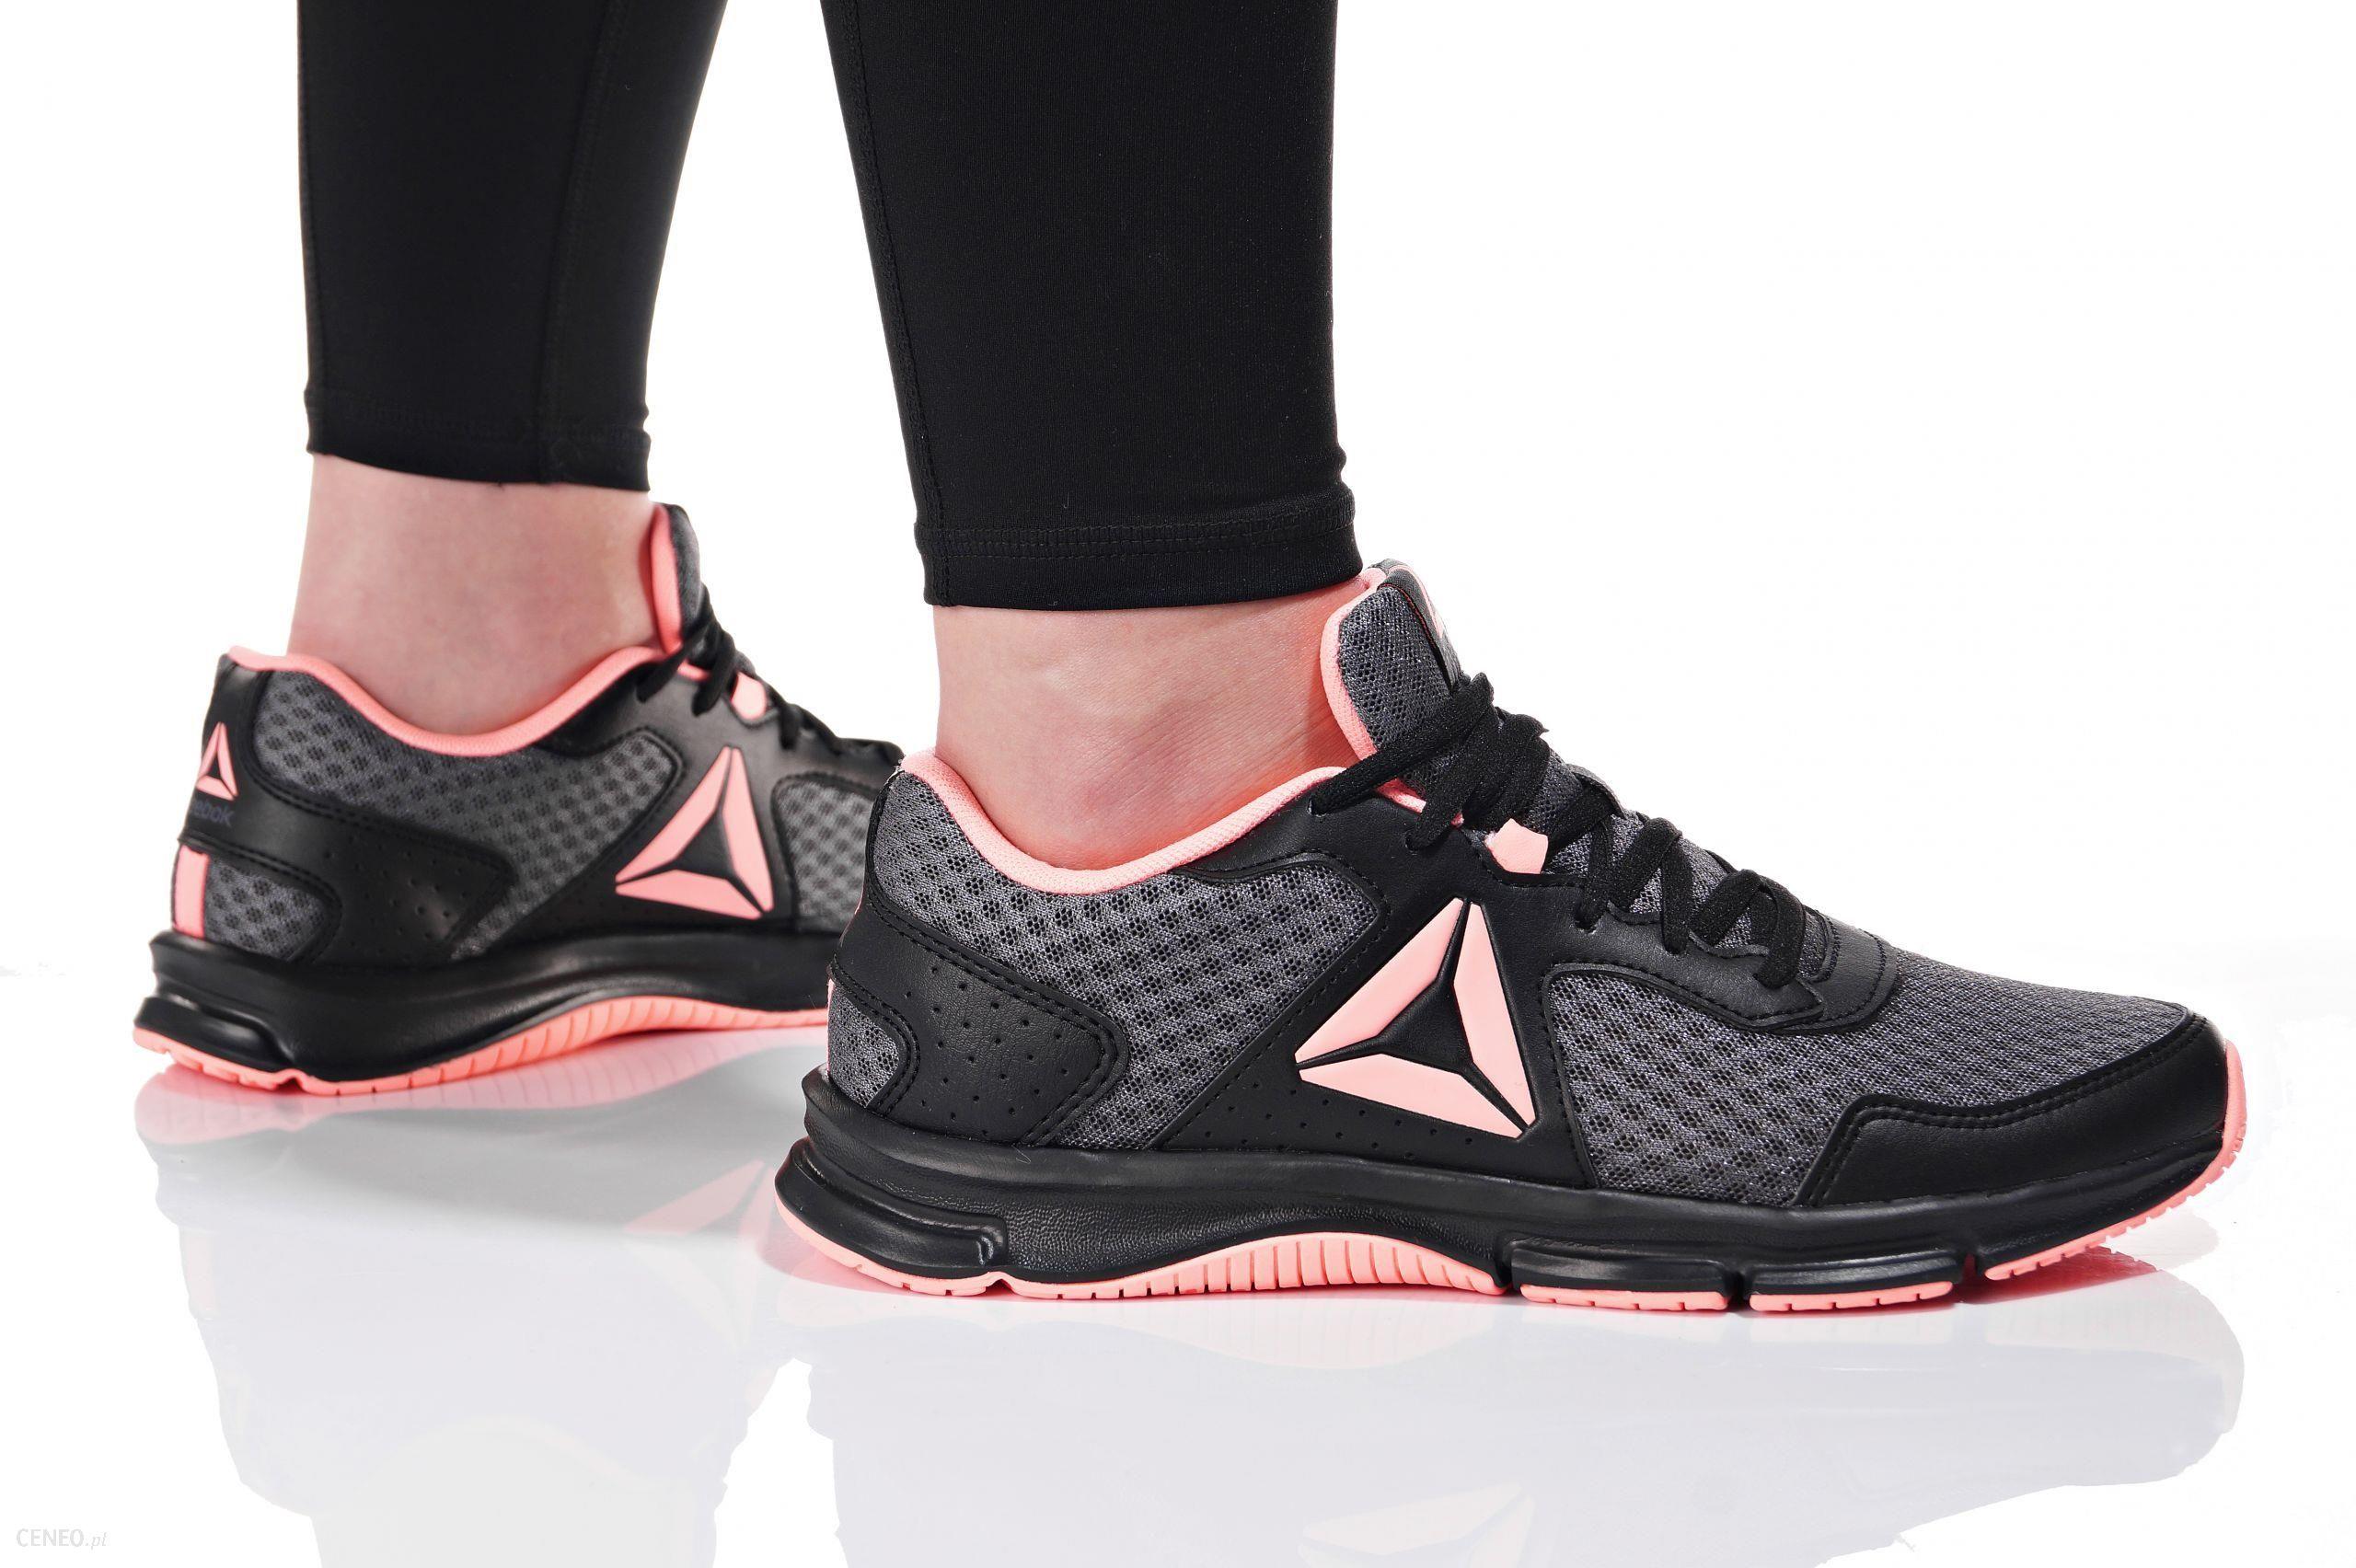 Buty biegowe Reebok Express Runner W BS8423 czarne | Reebok